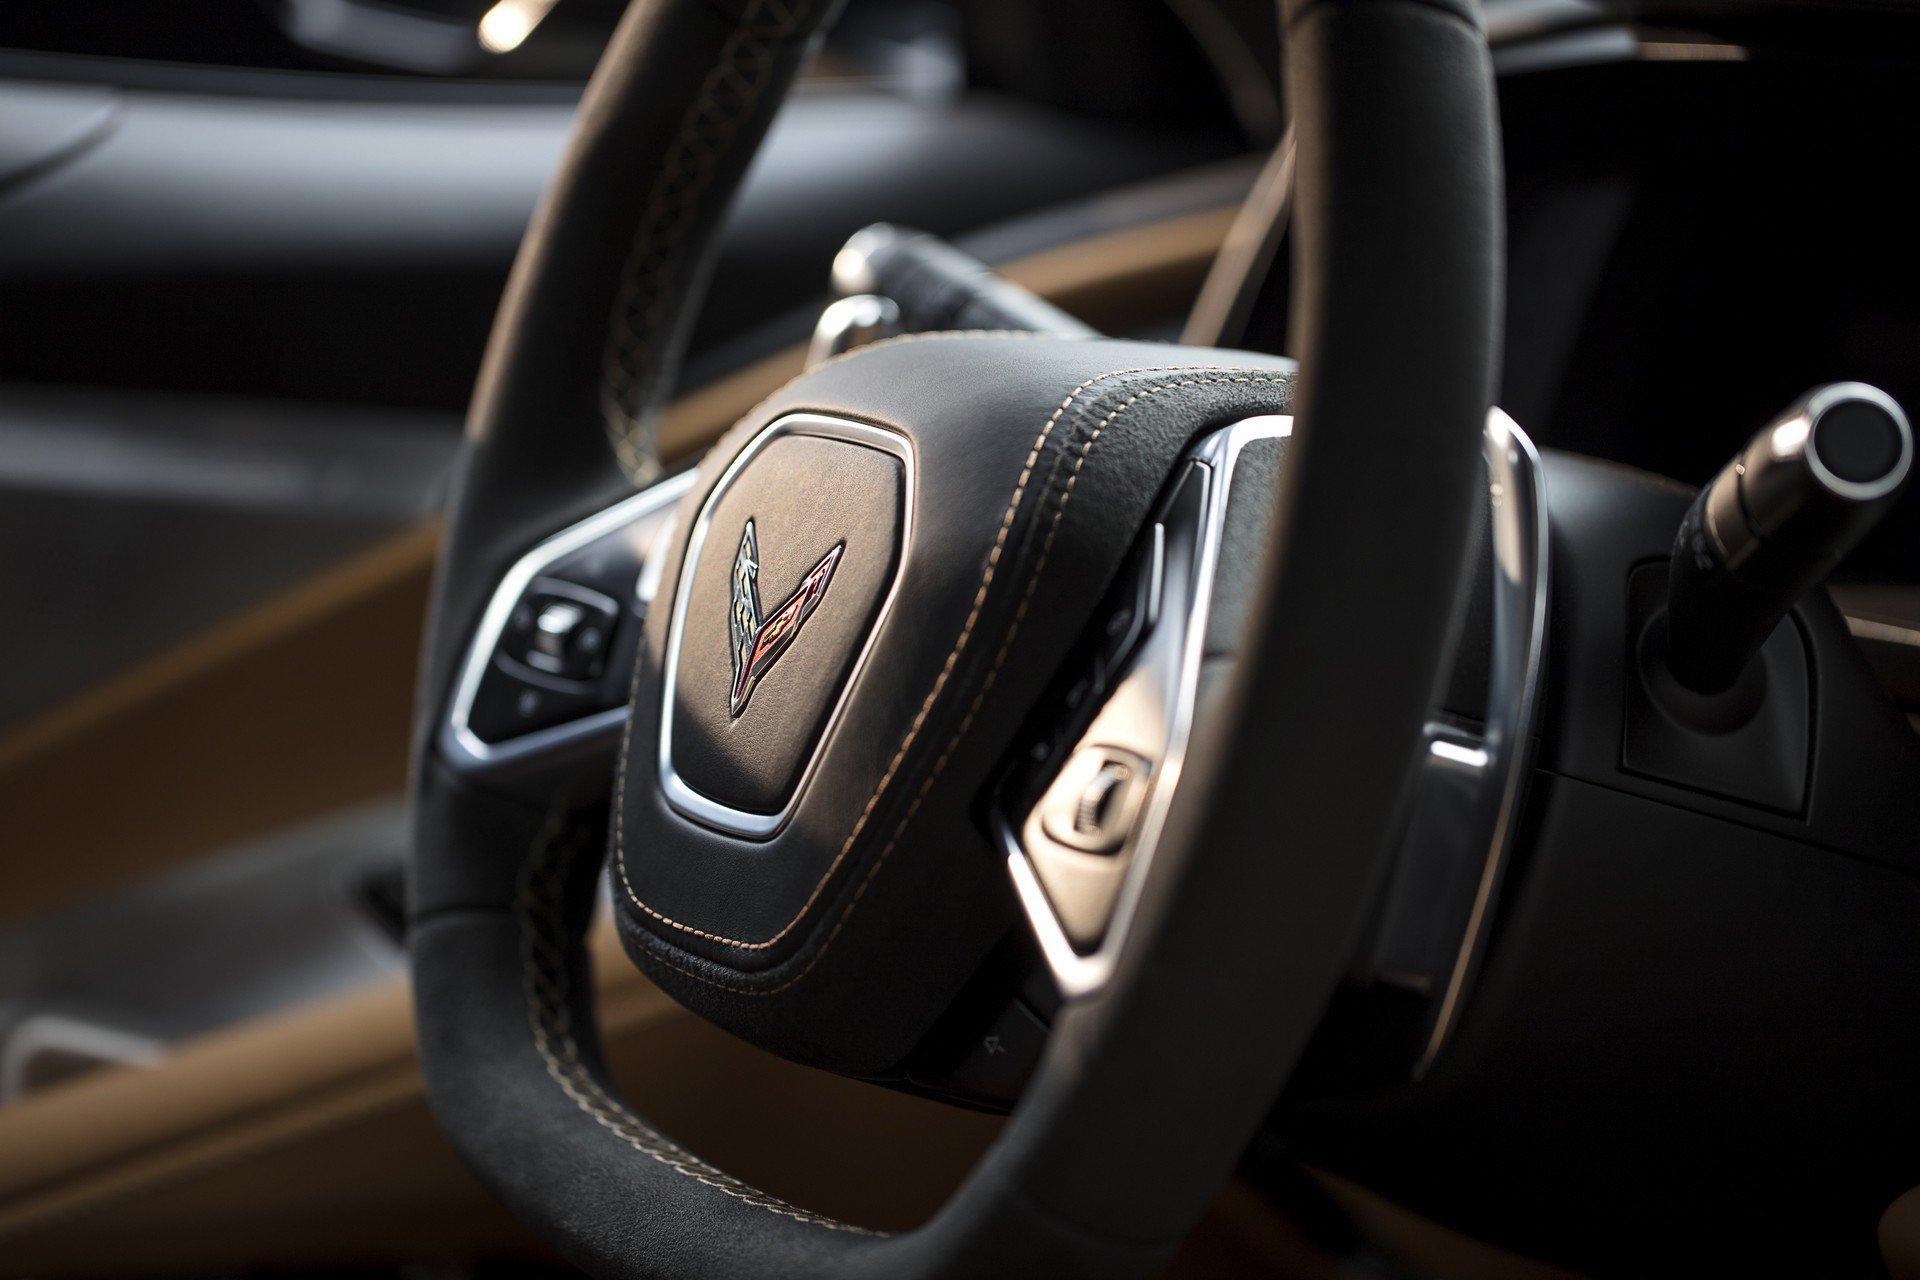 Chevrolet ra mắt Corvette C8 thế hệ mới thiết kế táo bạo, động cơ đặt giữa - 31